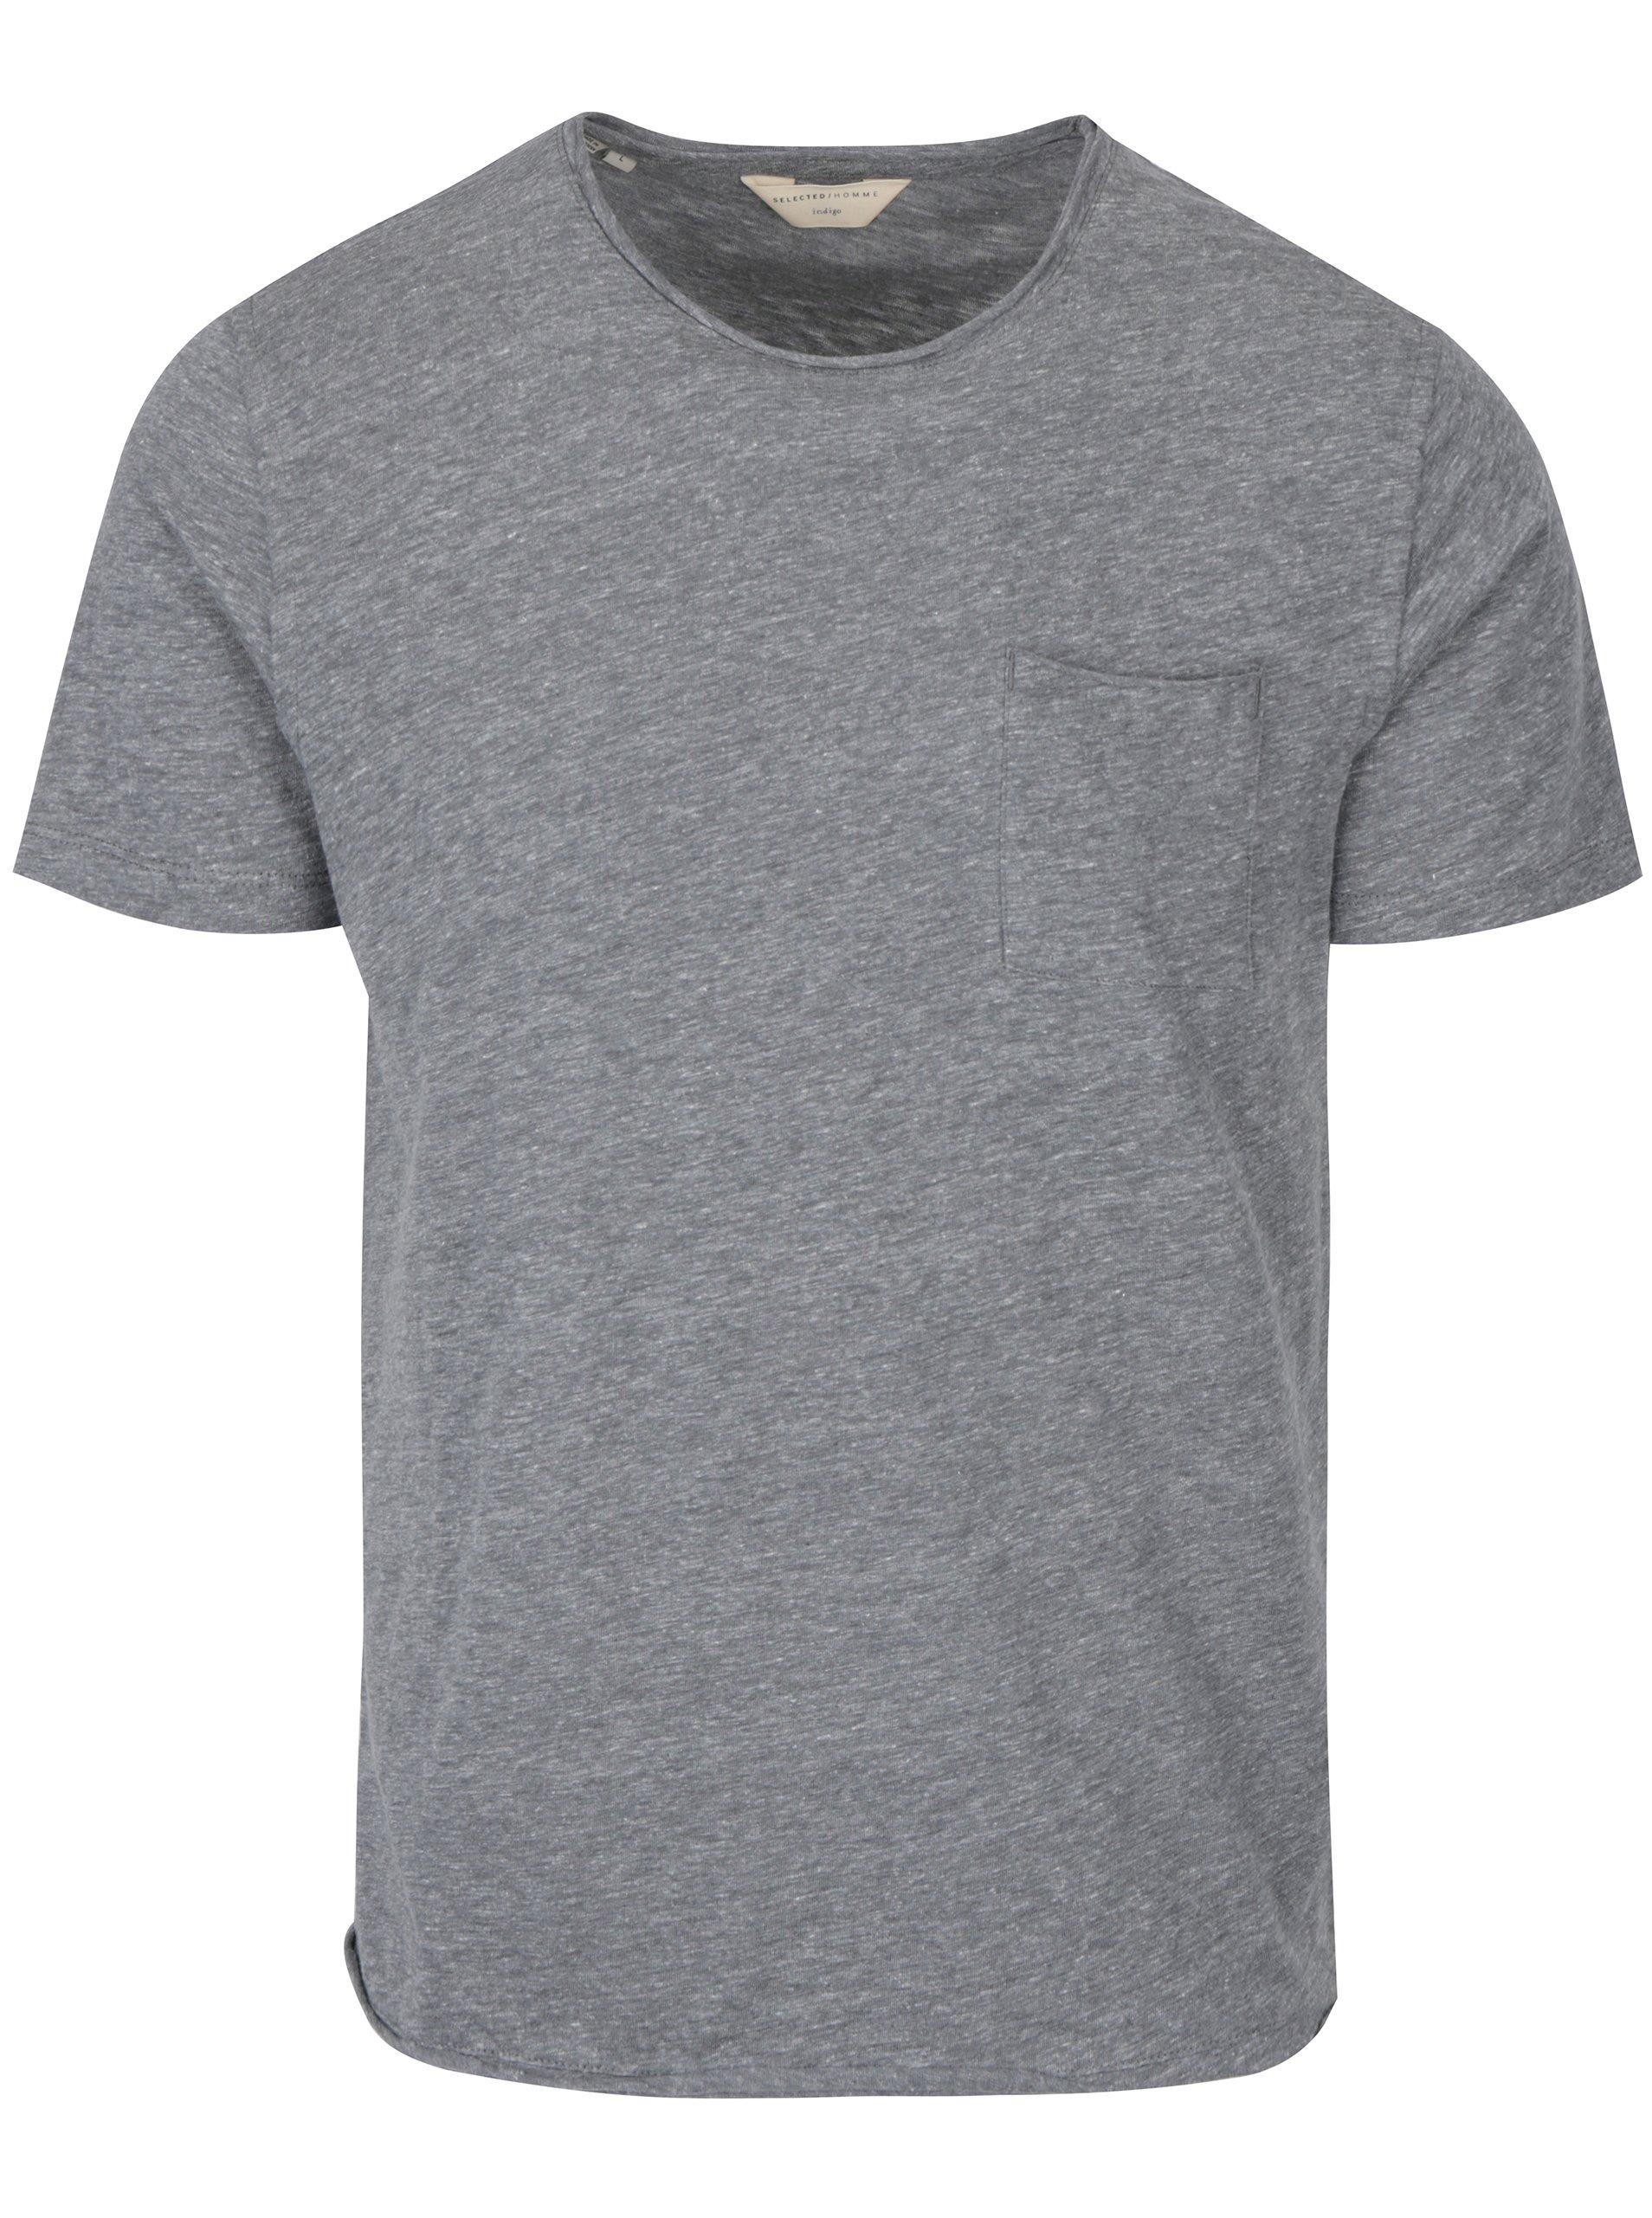 Šedé žíhané tričko s kapsou Selected Homme Gravel